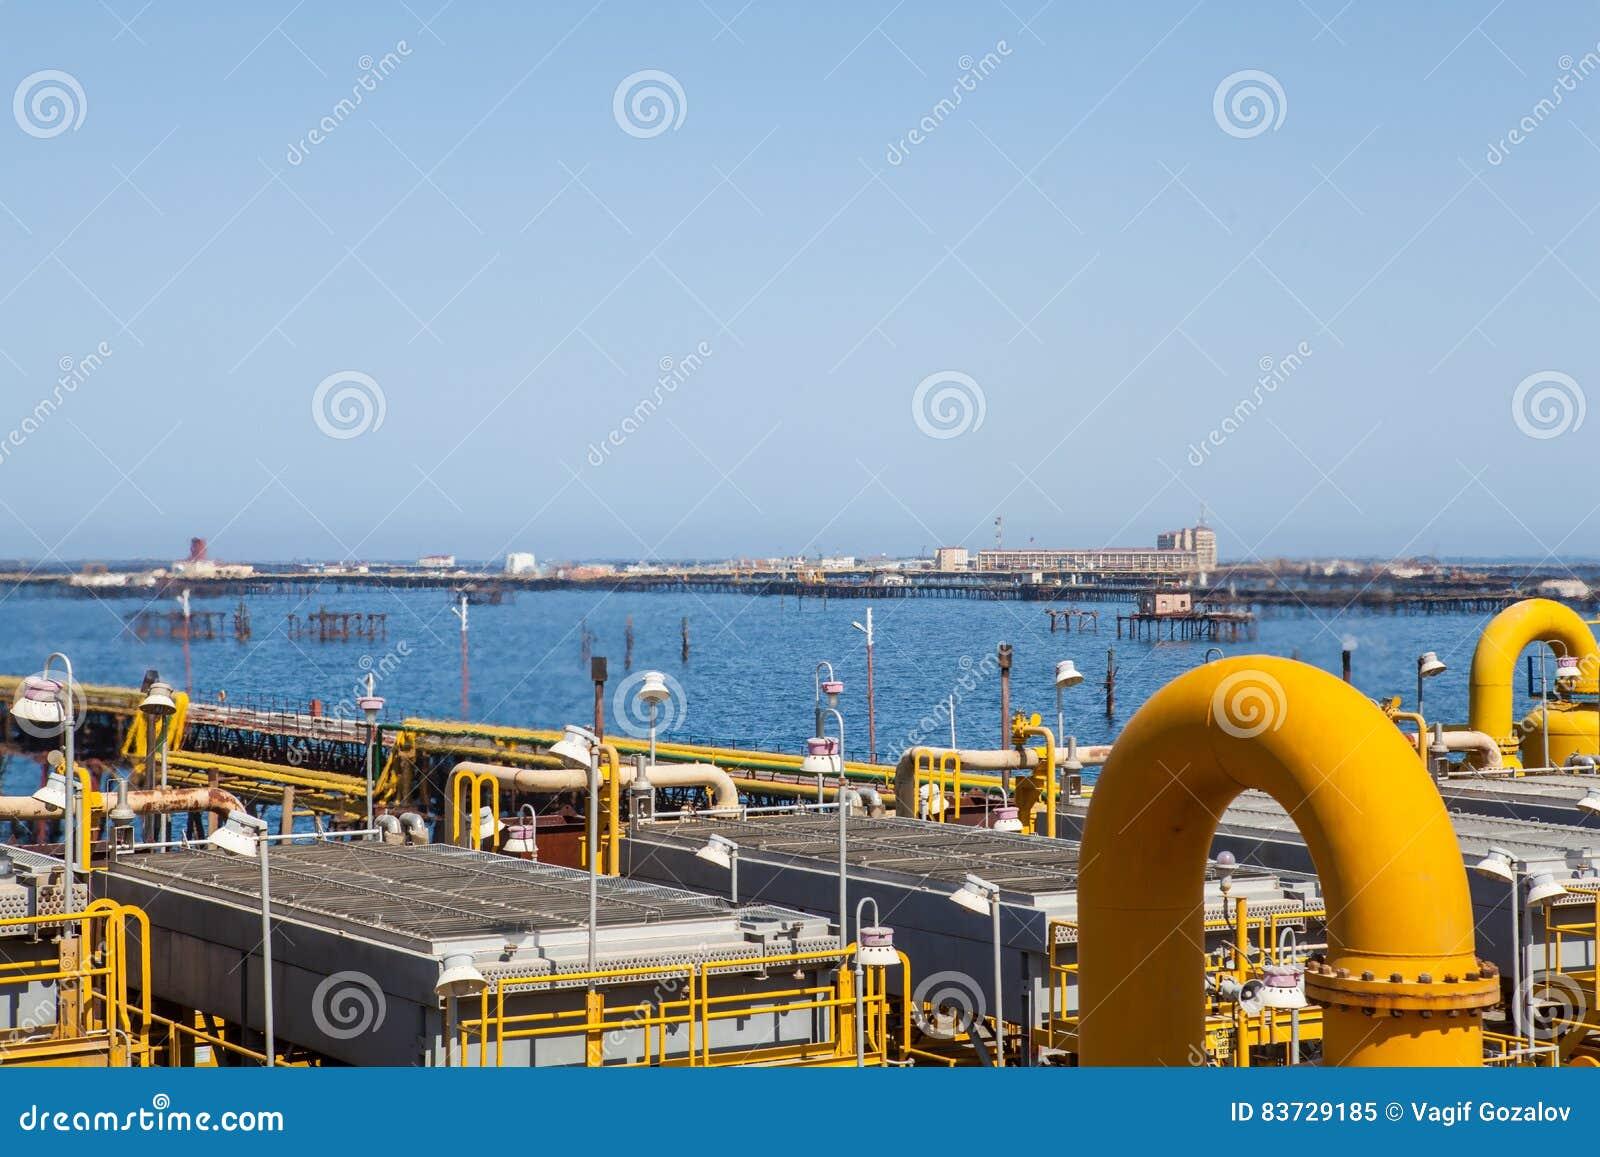 Gelbe Rohre Und Verbindungen Mit Hintergrund Von Meer